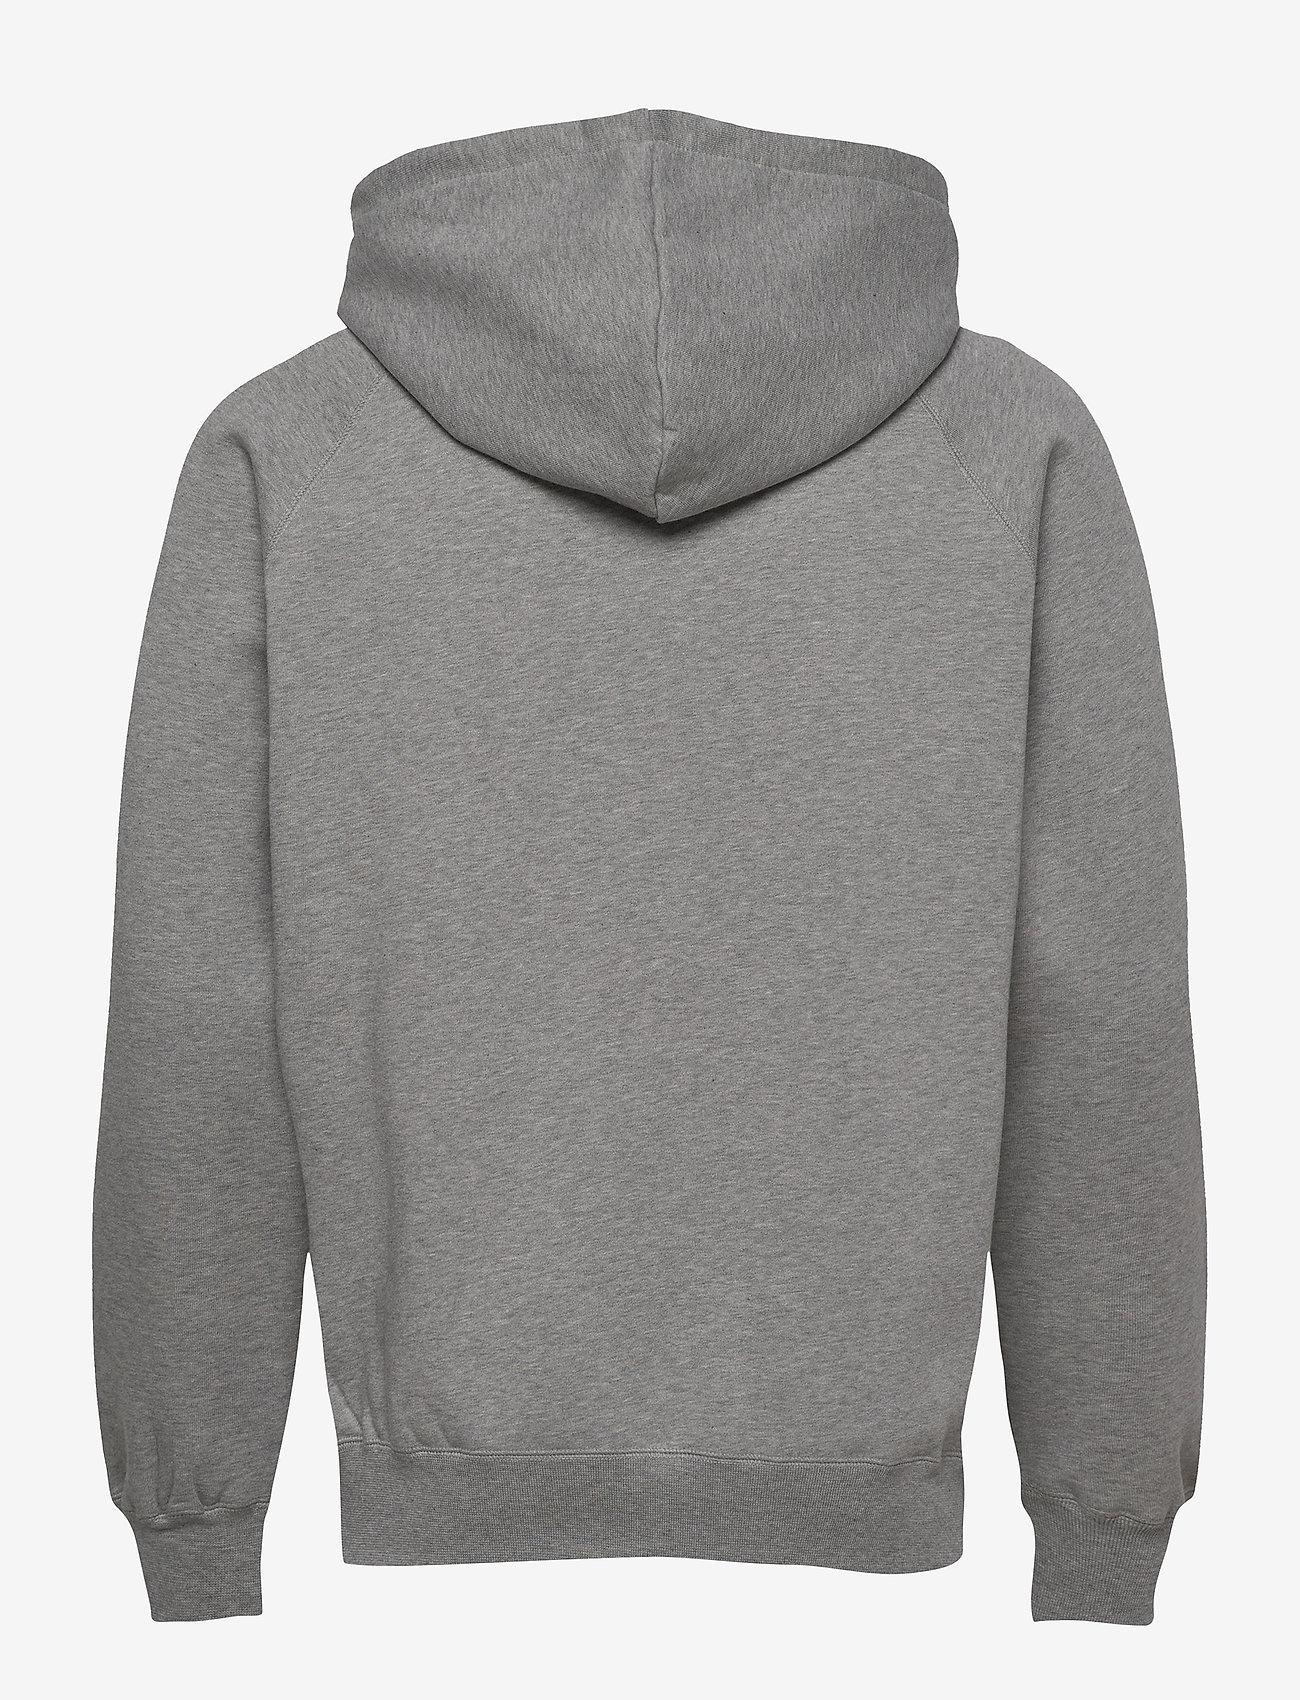 Wood Wood - Fred hoodie - basic sweatshirts - grey melange - 1